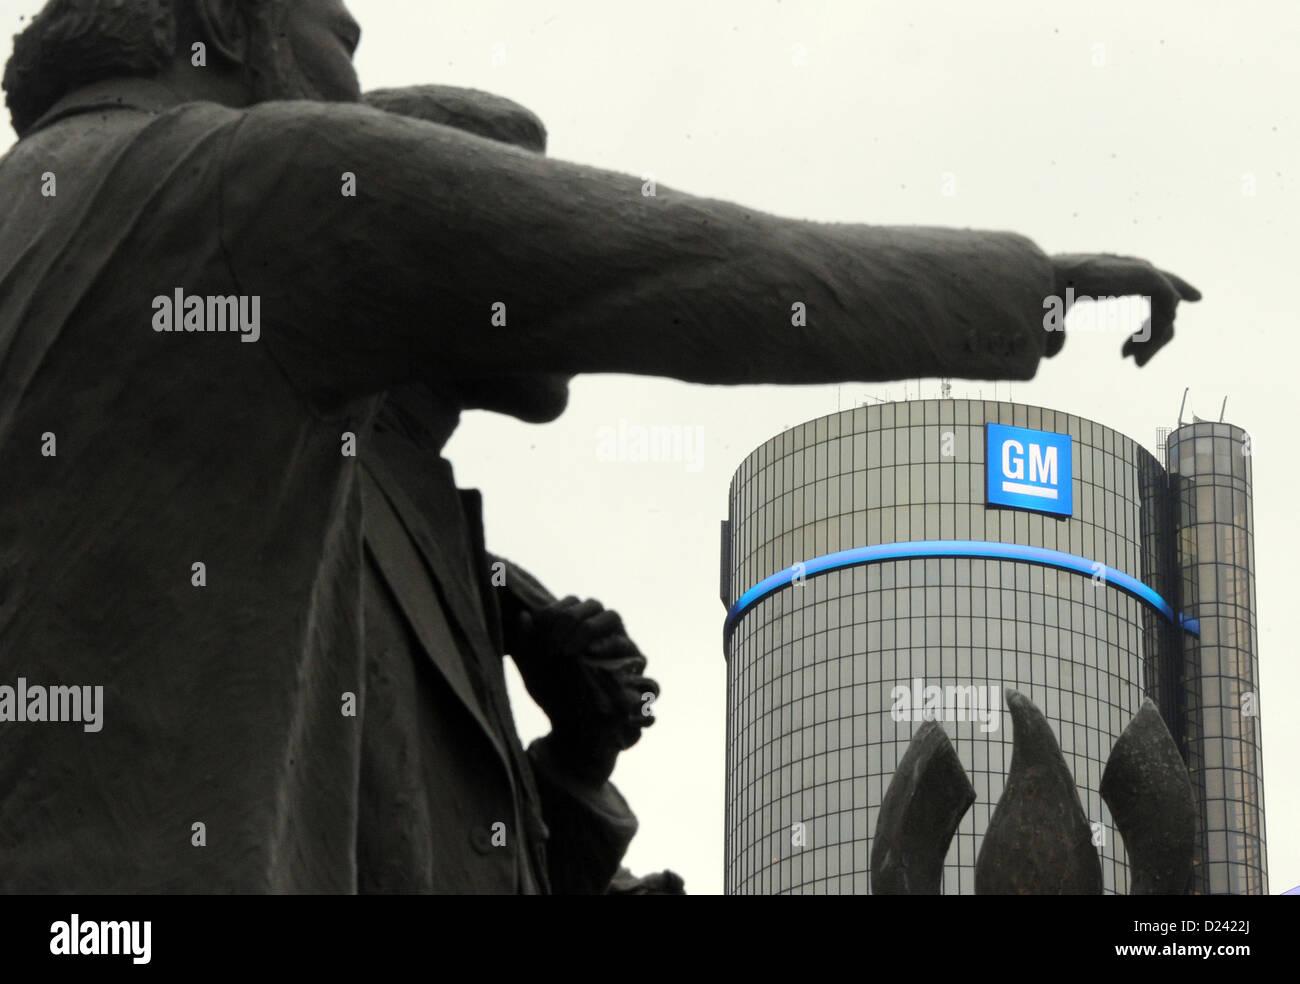 Außenaufnahme der Firmenzentrale des Autobauers General Motors (GM) Aufgenommen bin 13.01.2013 in Detroit. Stockbild